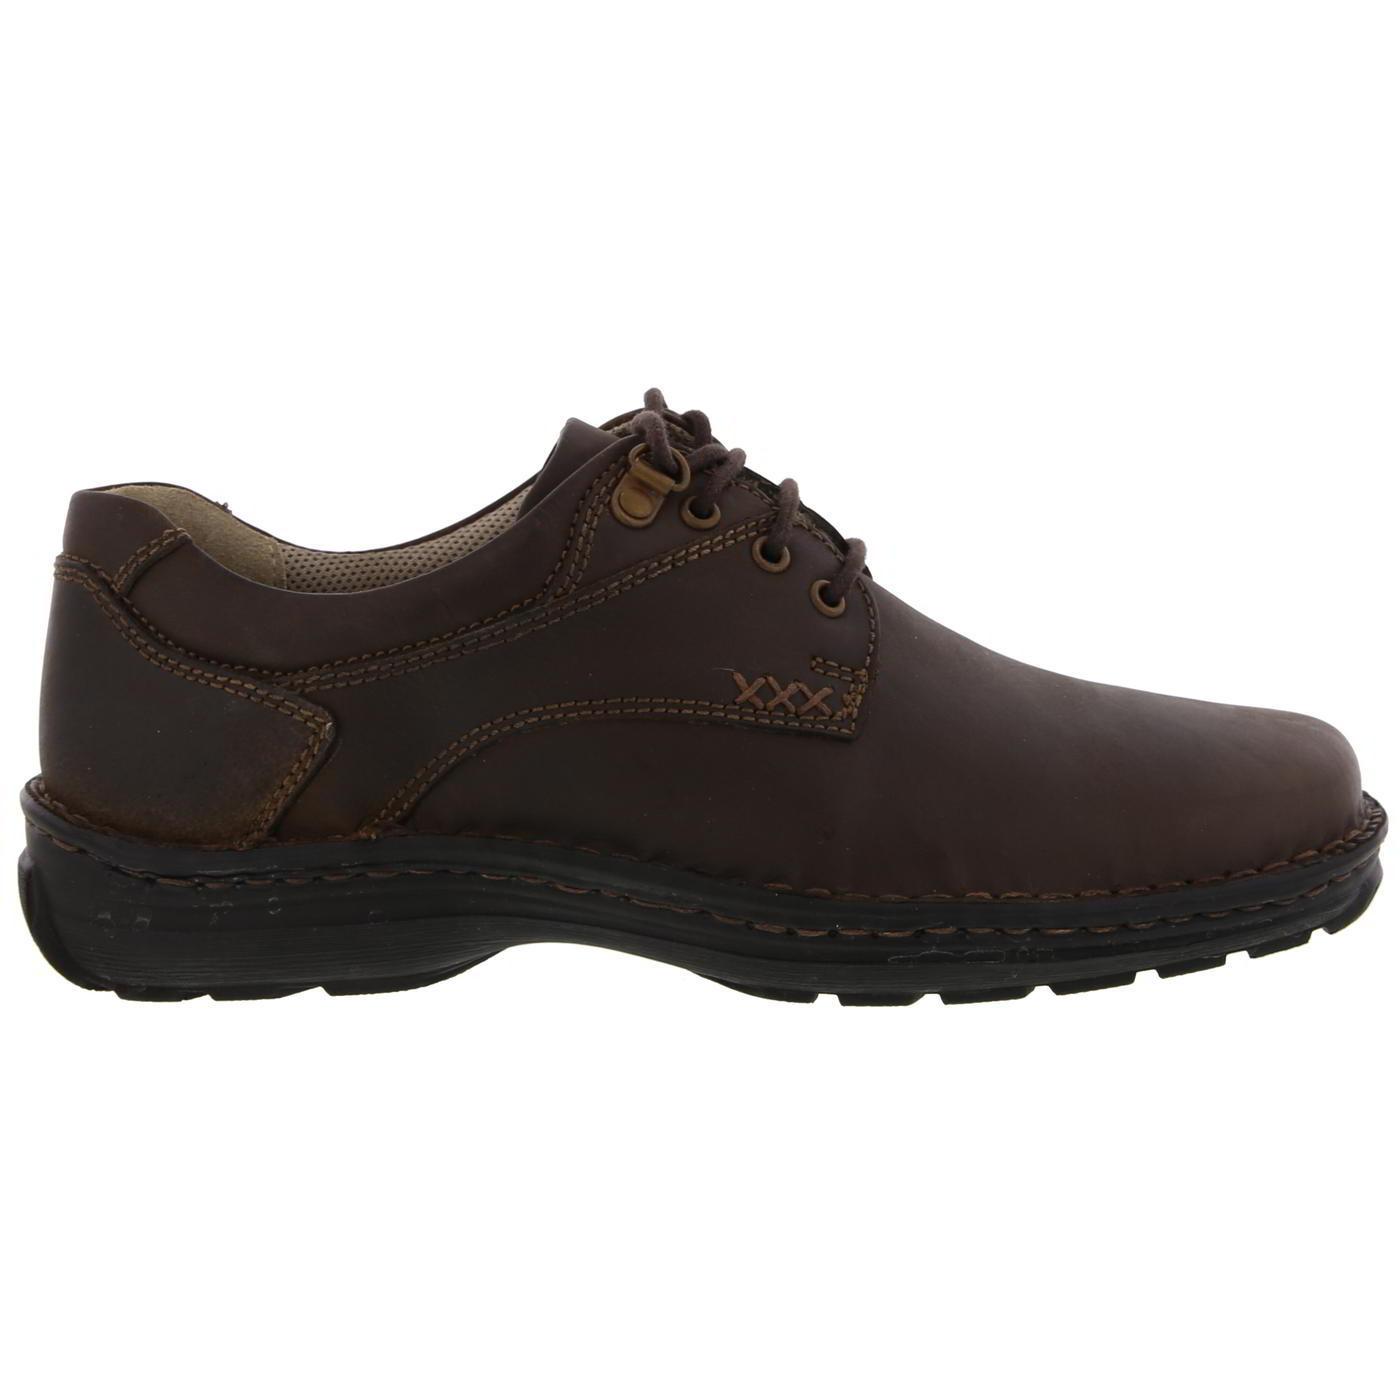 3884fd9e1a9 Detalles de Hush Puppies geografía para Hombre Marrón Zapatos Con Cordones  Cuero Ajuste Ancho Talla 6-14 UK- ver título original